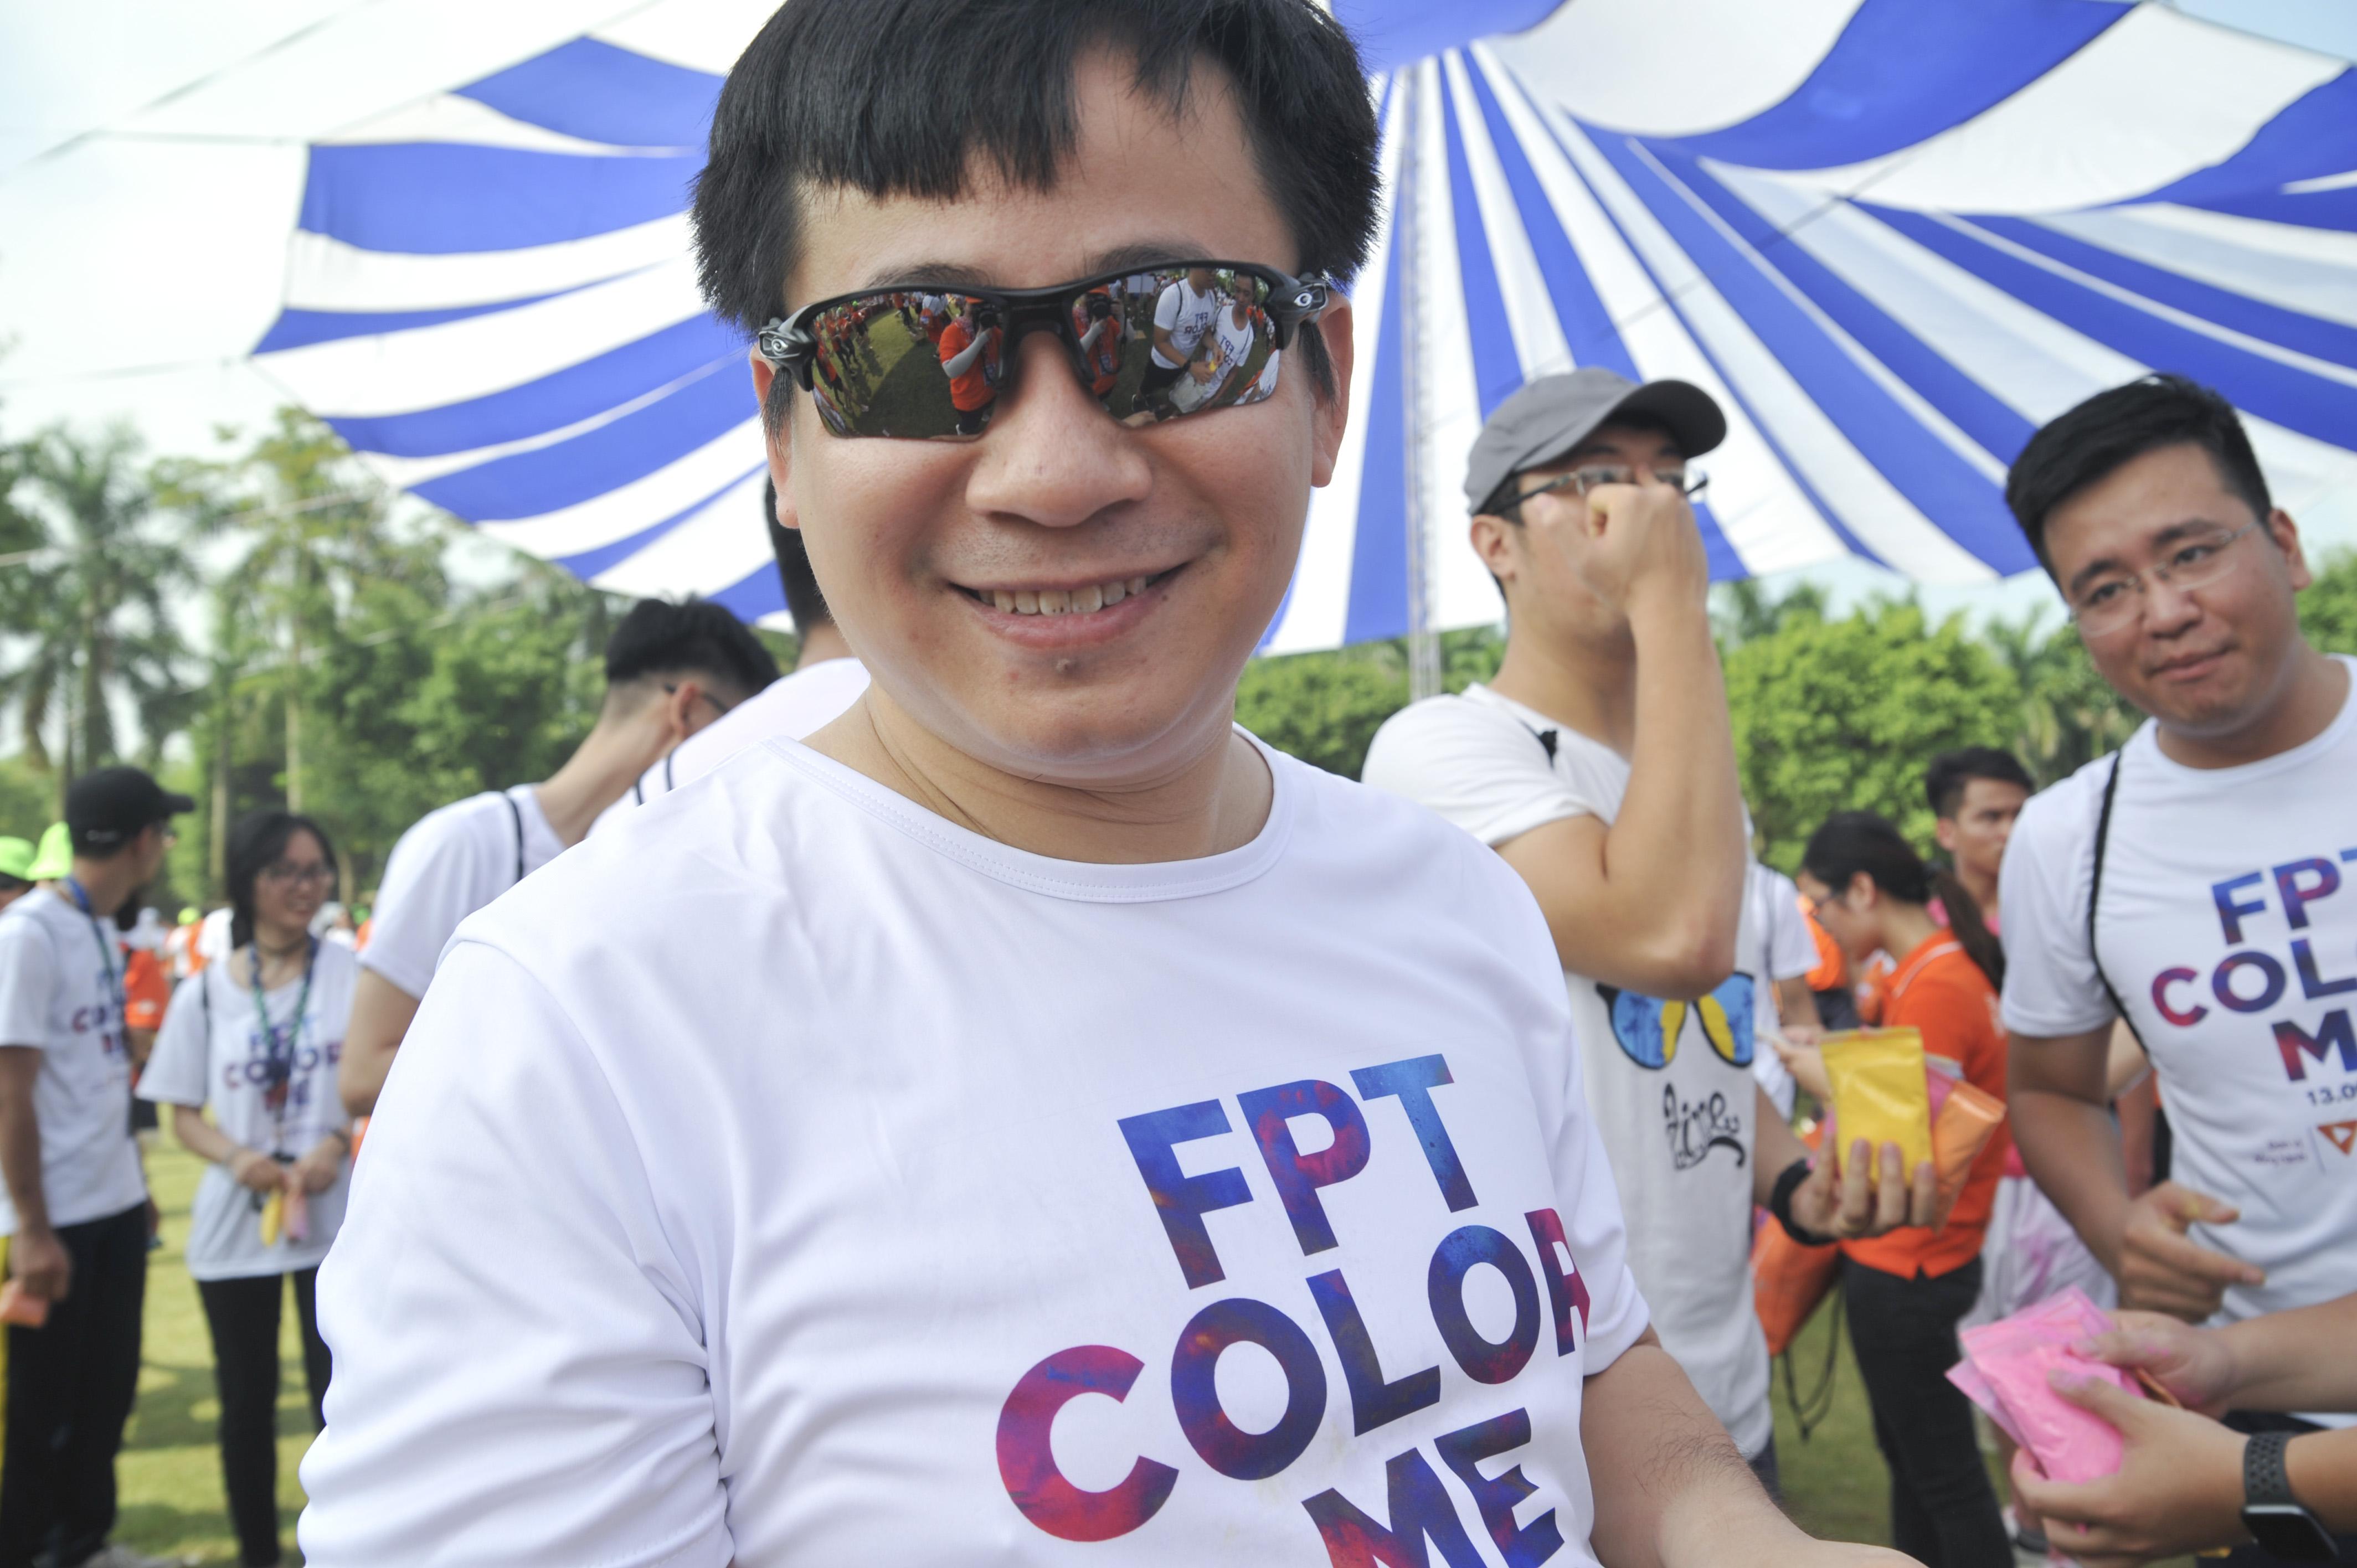 """Giám đốc Công nghệ FPT Lê Hồng Việt cầm trên tay rất nhiều túi bột màu, sẵn sàng """"chiến"""" hết mình với các đồng nghiệp trên đường chạy."""